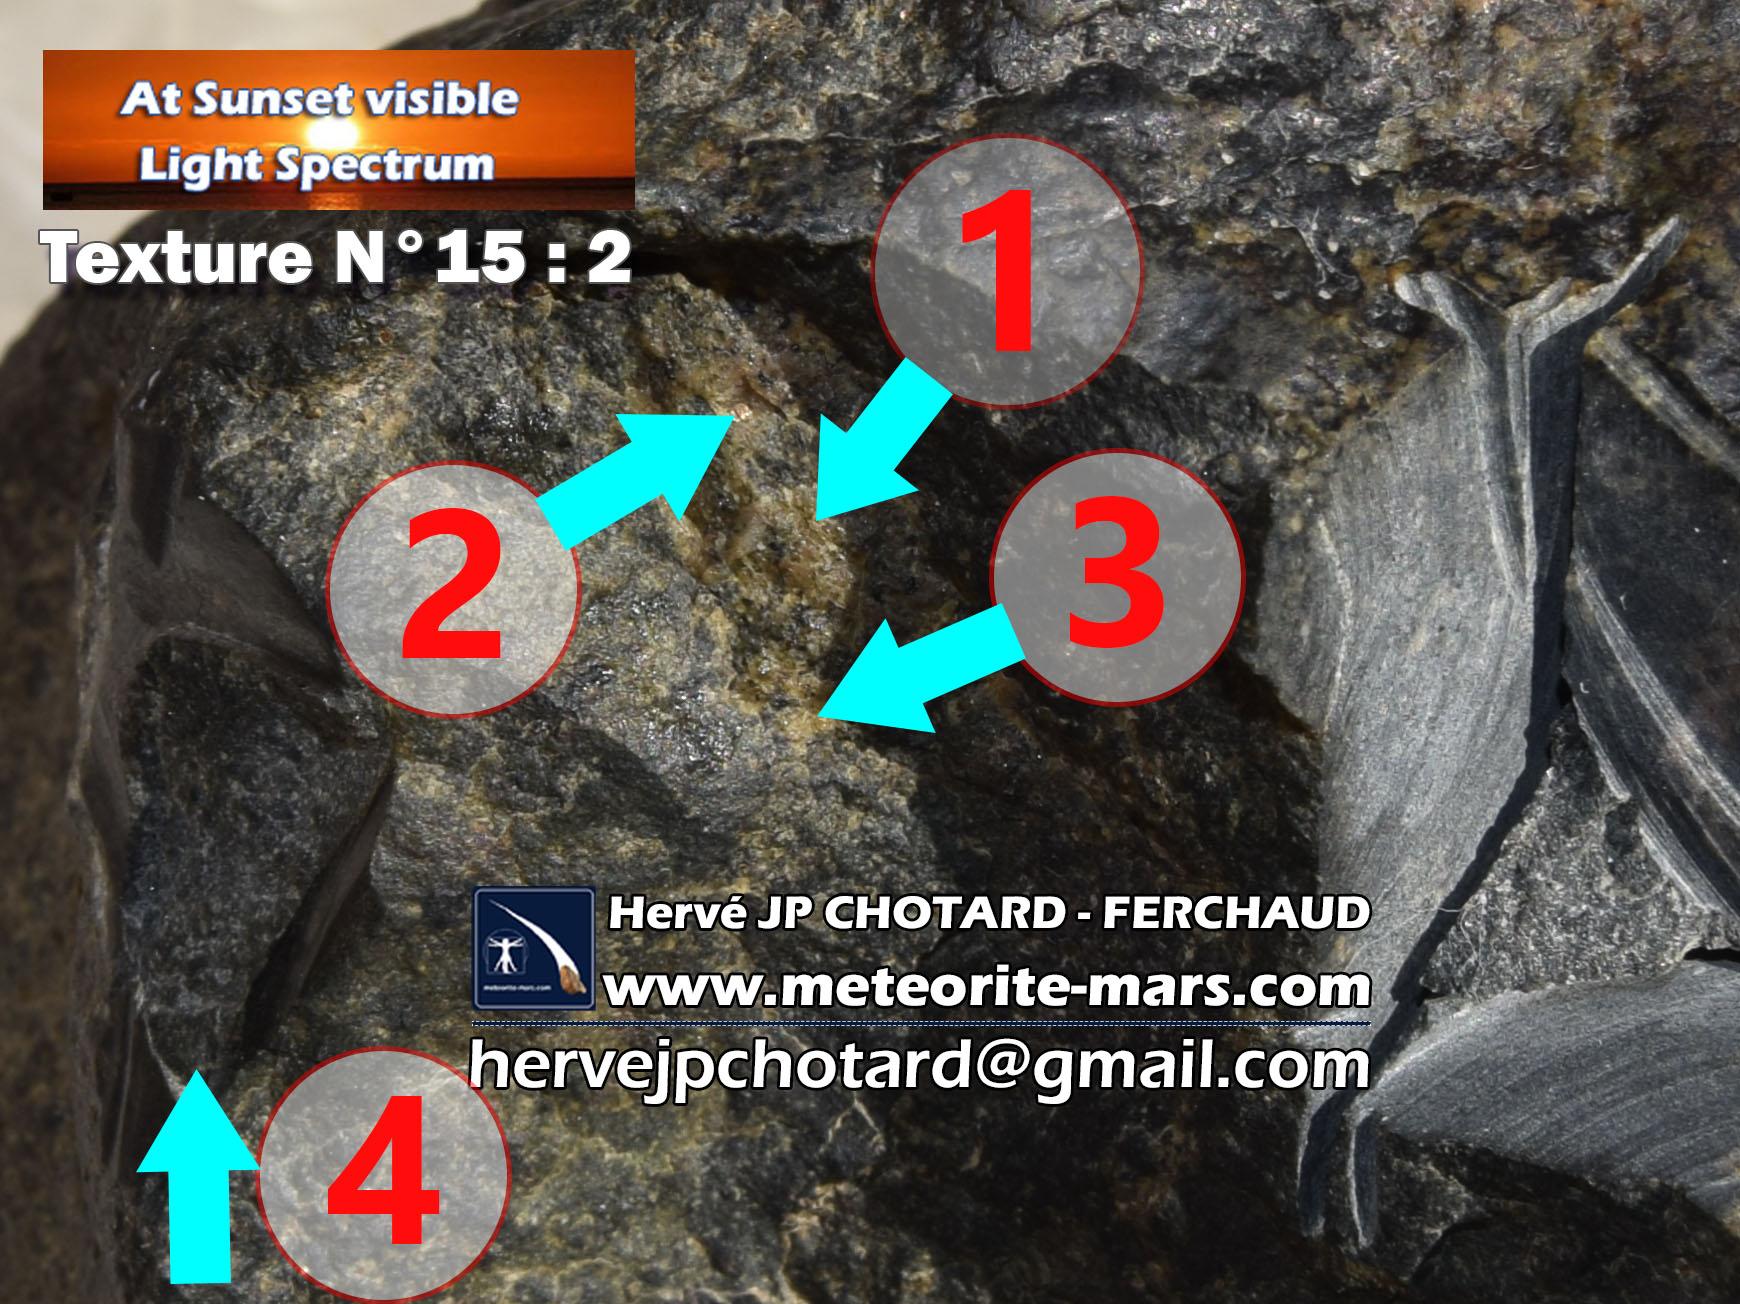 texture N°15-2 meteorite-mars.com